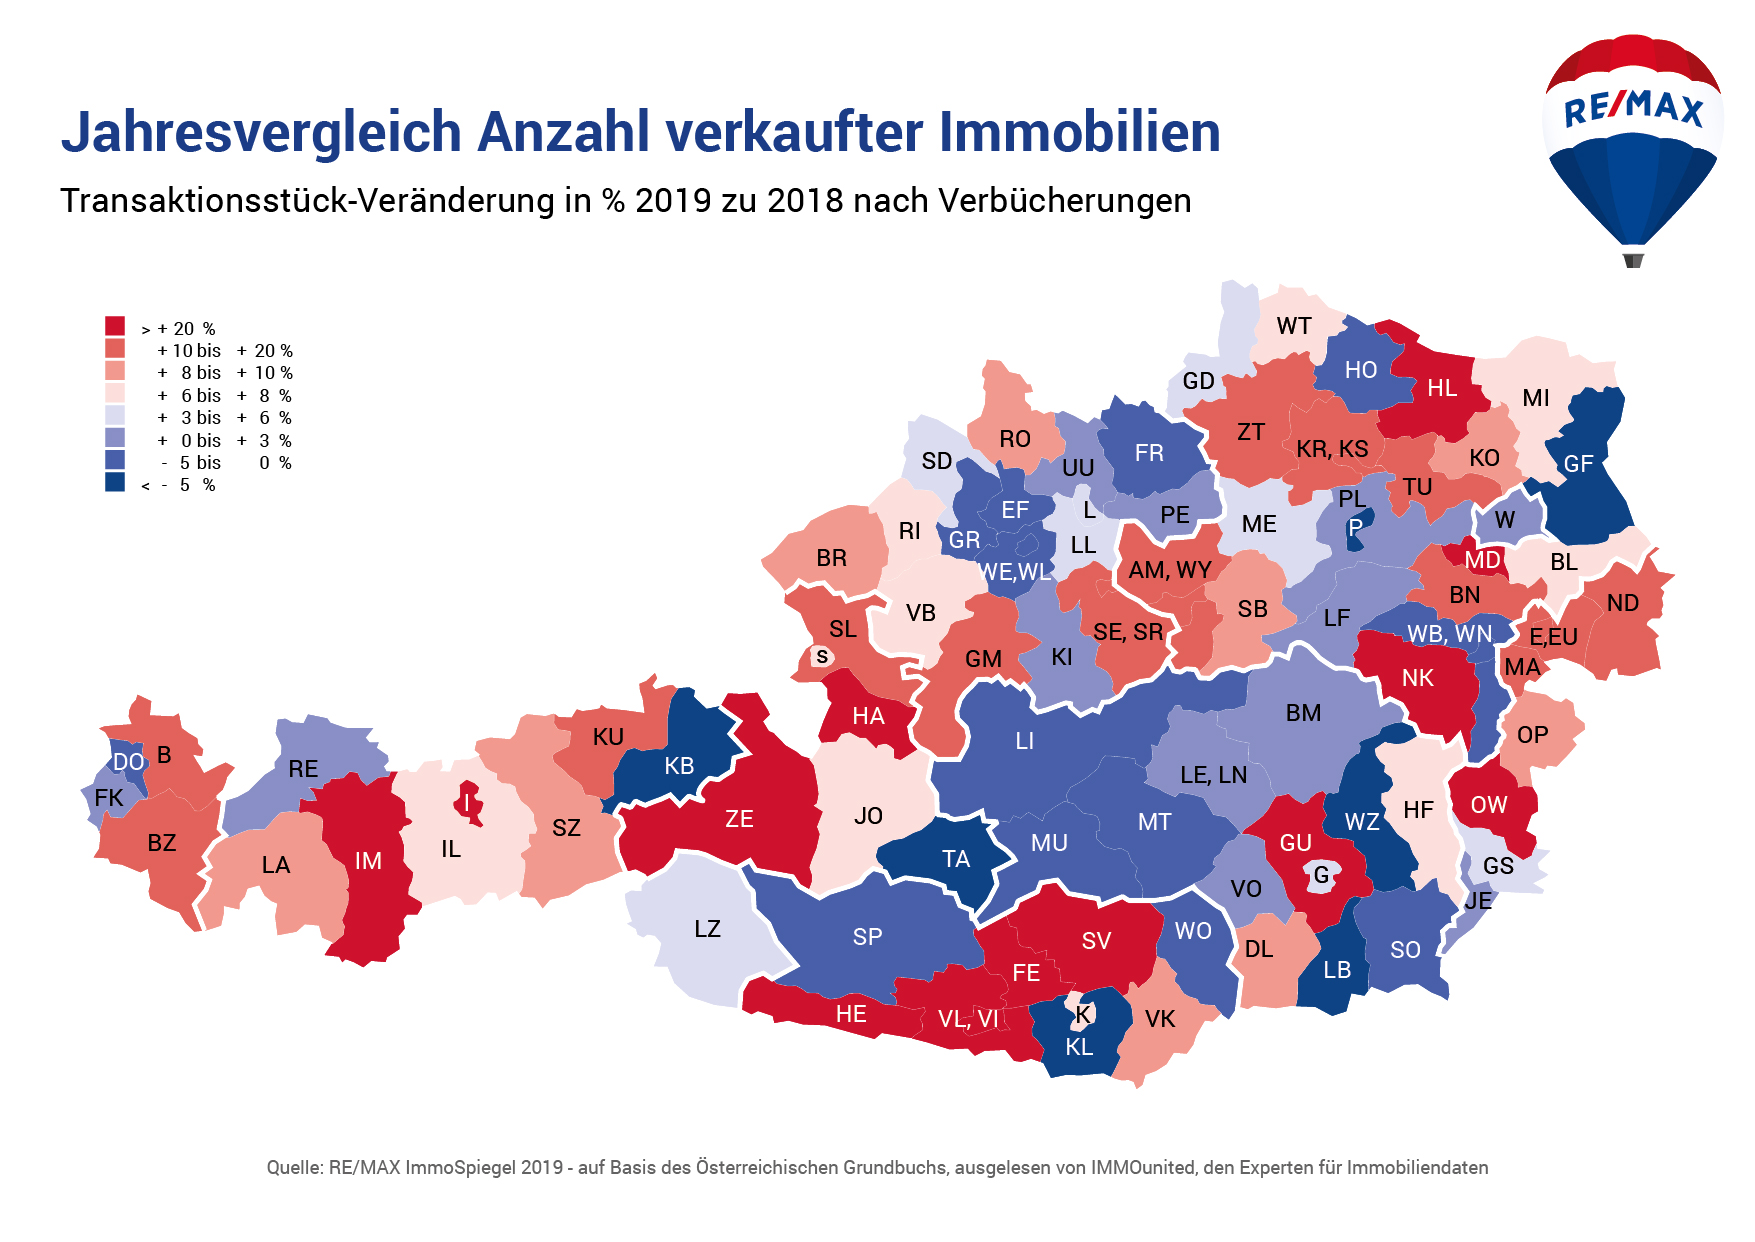 Jahresvergleich Anzahl verkaufter Immobilien